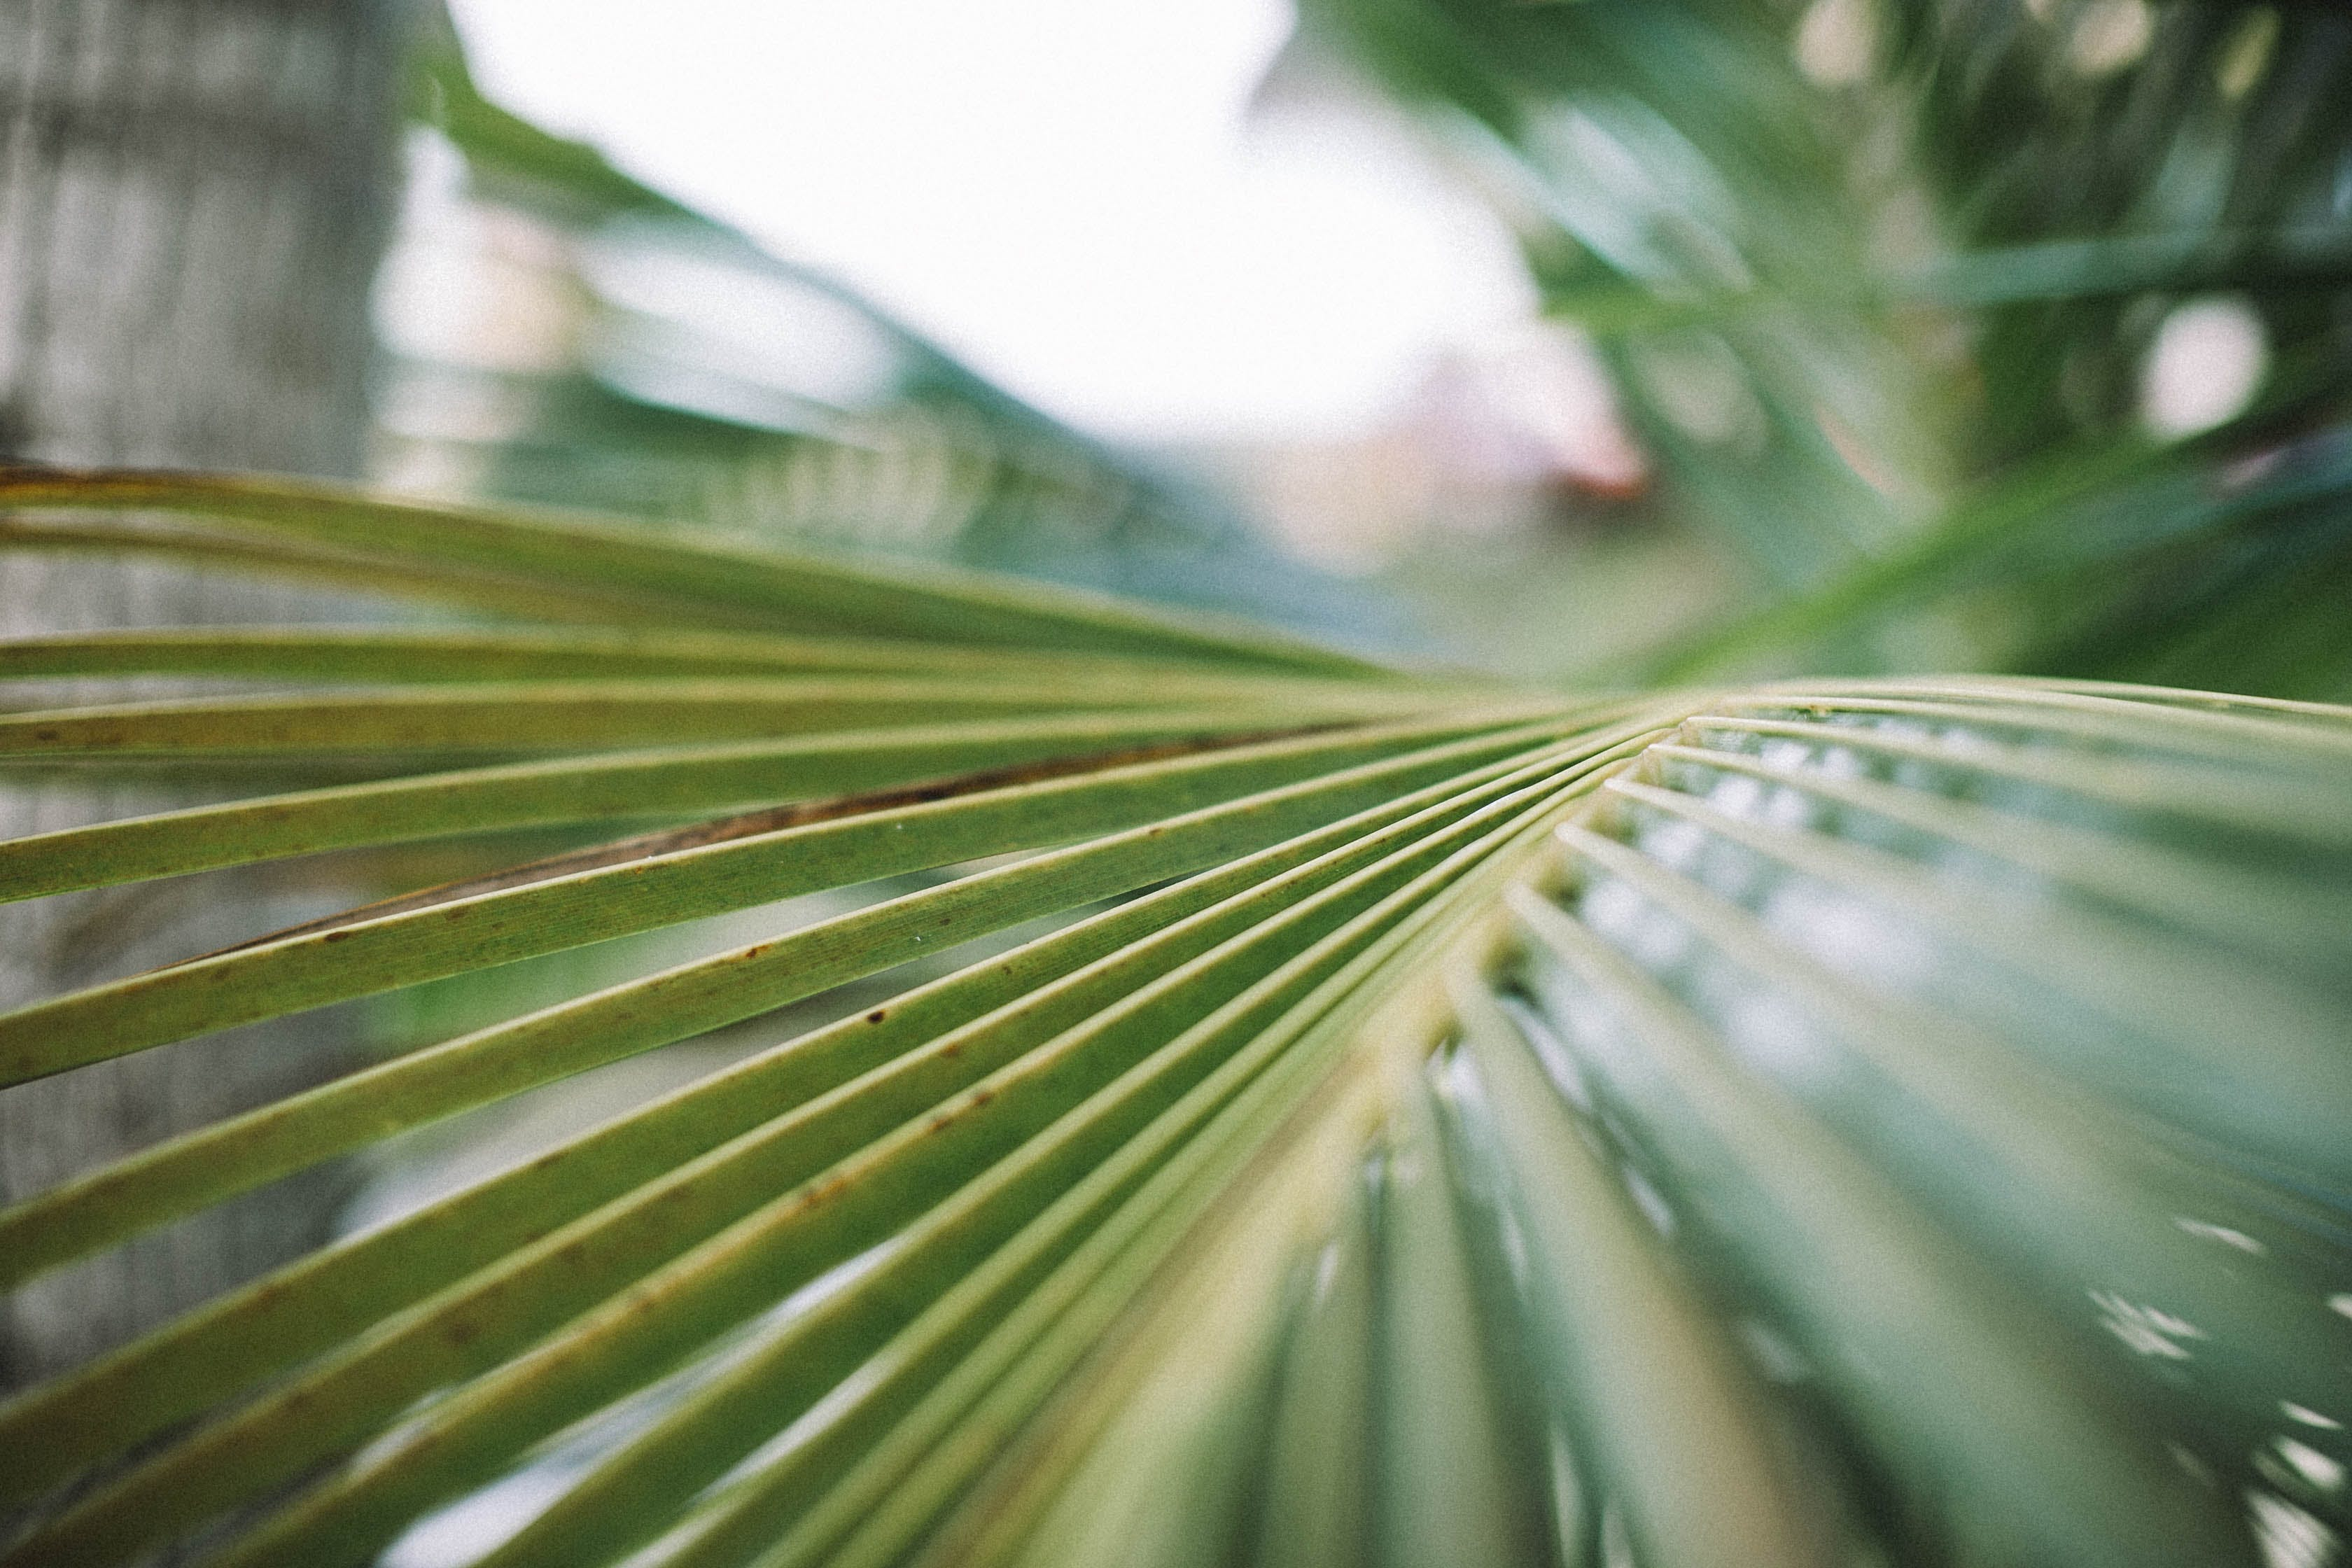 Darmowe zdjęcie z galerii z głębia pola, liść, liść palmowy, liść palmy